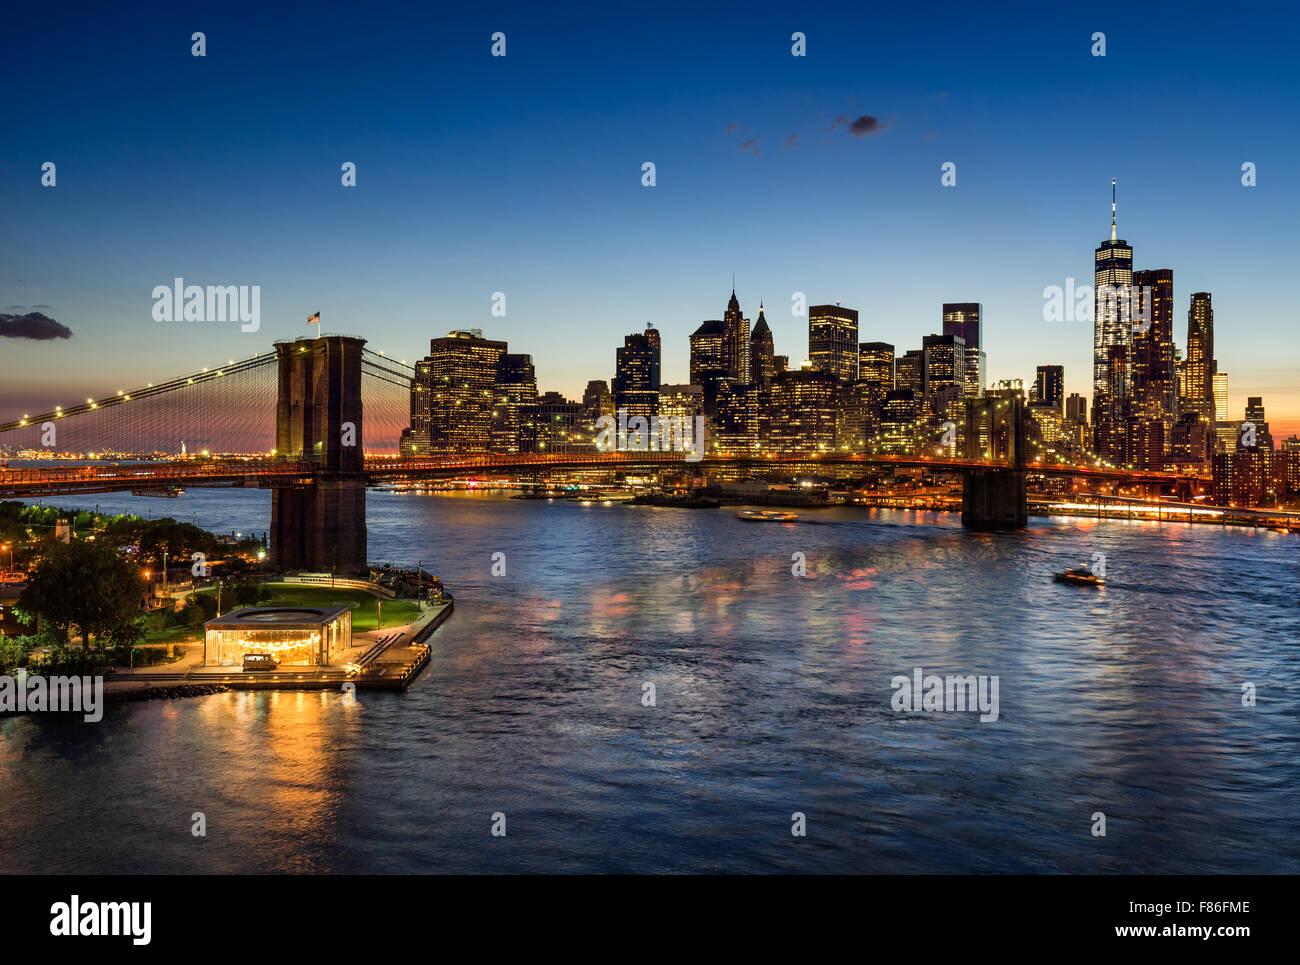 Puente de Brooklyn y Manhattan iluminada en penumbra. Distrito Financiero rascacielos reflejan en el East River Imagen De Stock